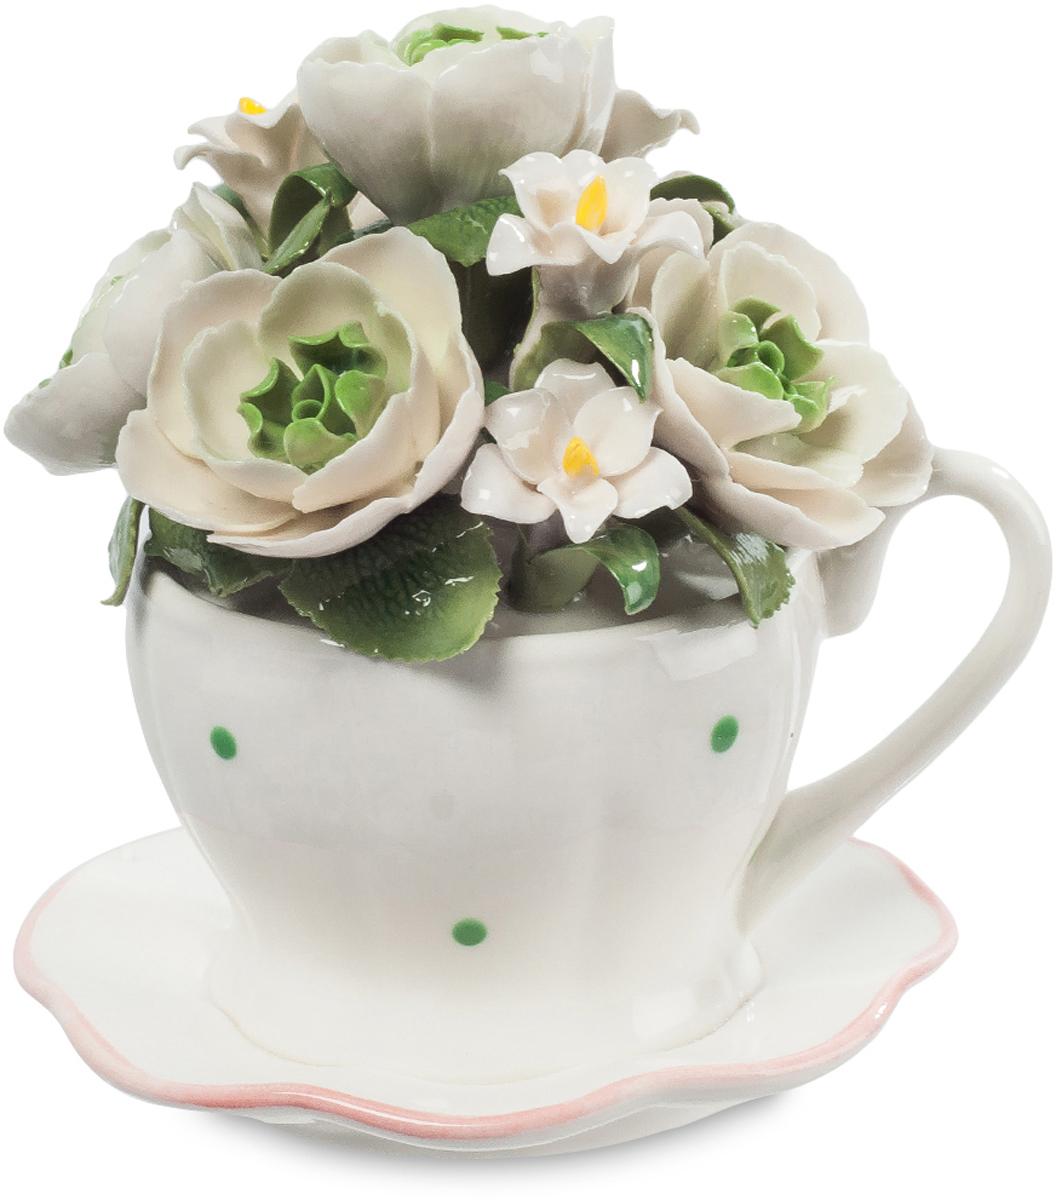 Фигурка декоративная Pavone Чашка с цветамиCMS-33/71Фигурка декоративная Pavone Чашка с цветами достойно украсит вашу комнату или станет частью коллекции фарфоровых фигурок. Изделие изготовлено из глазурованного фарфора и выполнено в виде чашки с цветами.Фигурку можно поставить в любом месте, где оно будет удачно смотреться и радовать глаз. Также изделие станет прекрасным подарком для близкого человека. Размеры:13 х 11,5 х 13 см.